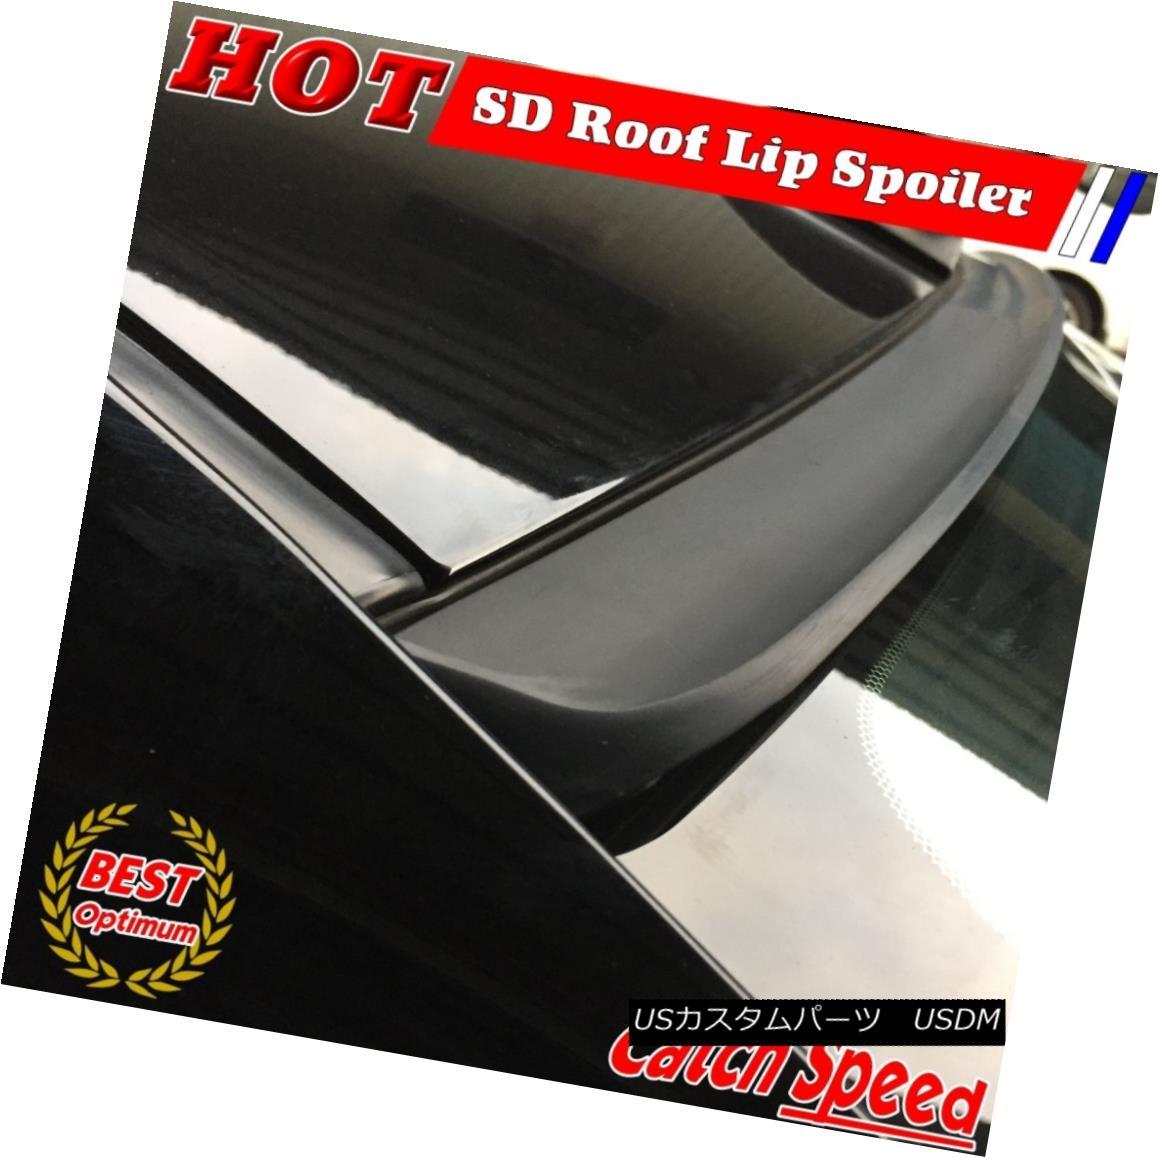 エアロパーツ Flat Black SD Style Rear Roof Lip Spoiler Wing For 03~04 Infiniti G35 V35 Sedan フラットブラックSDスタイルのリアルーフリップスポイラーウィング03?04インフィニティG35 V35セダン